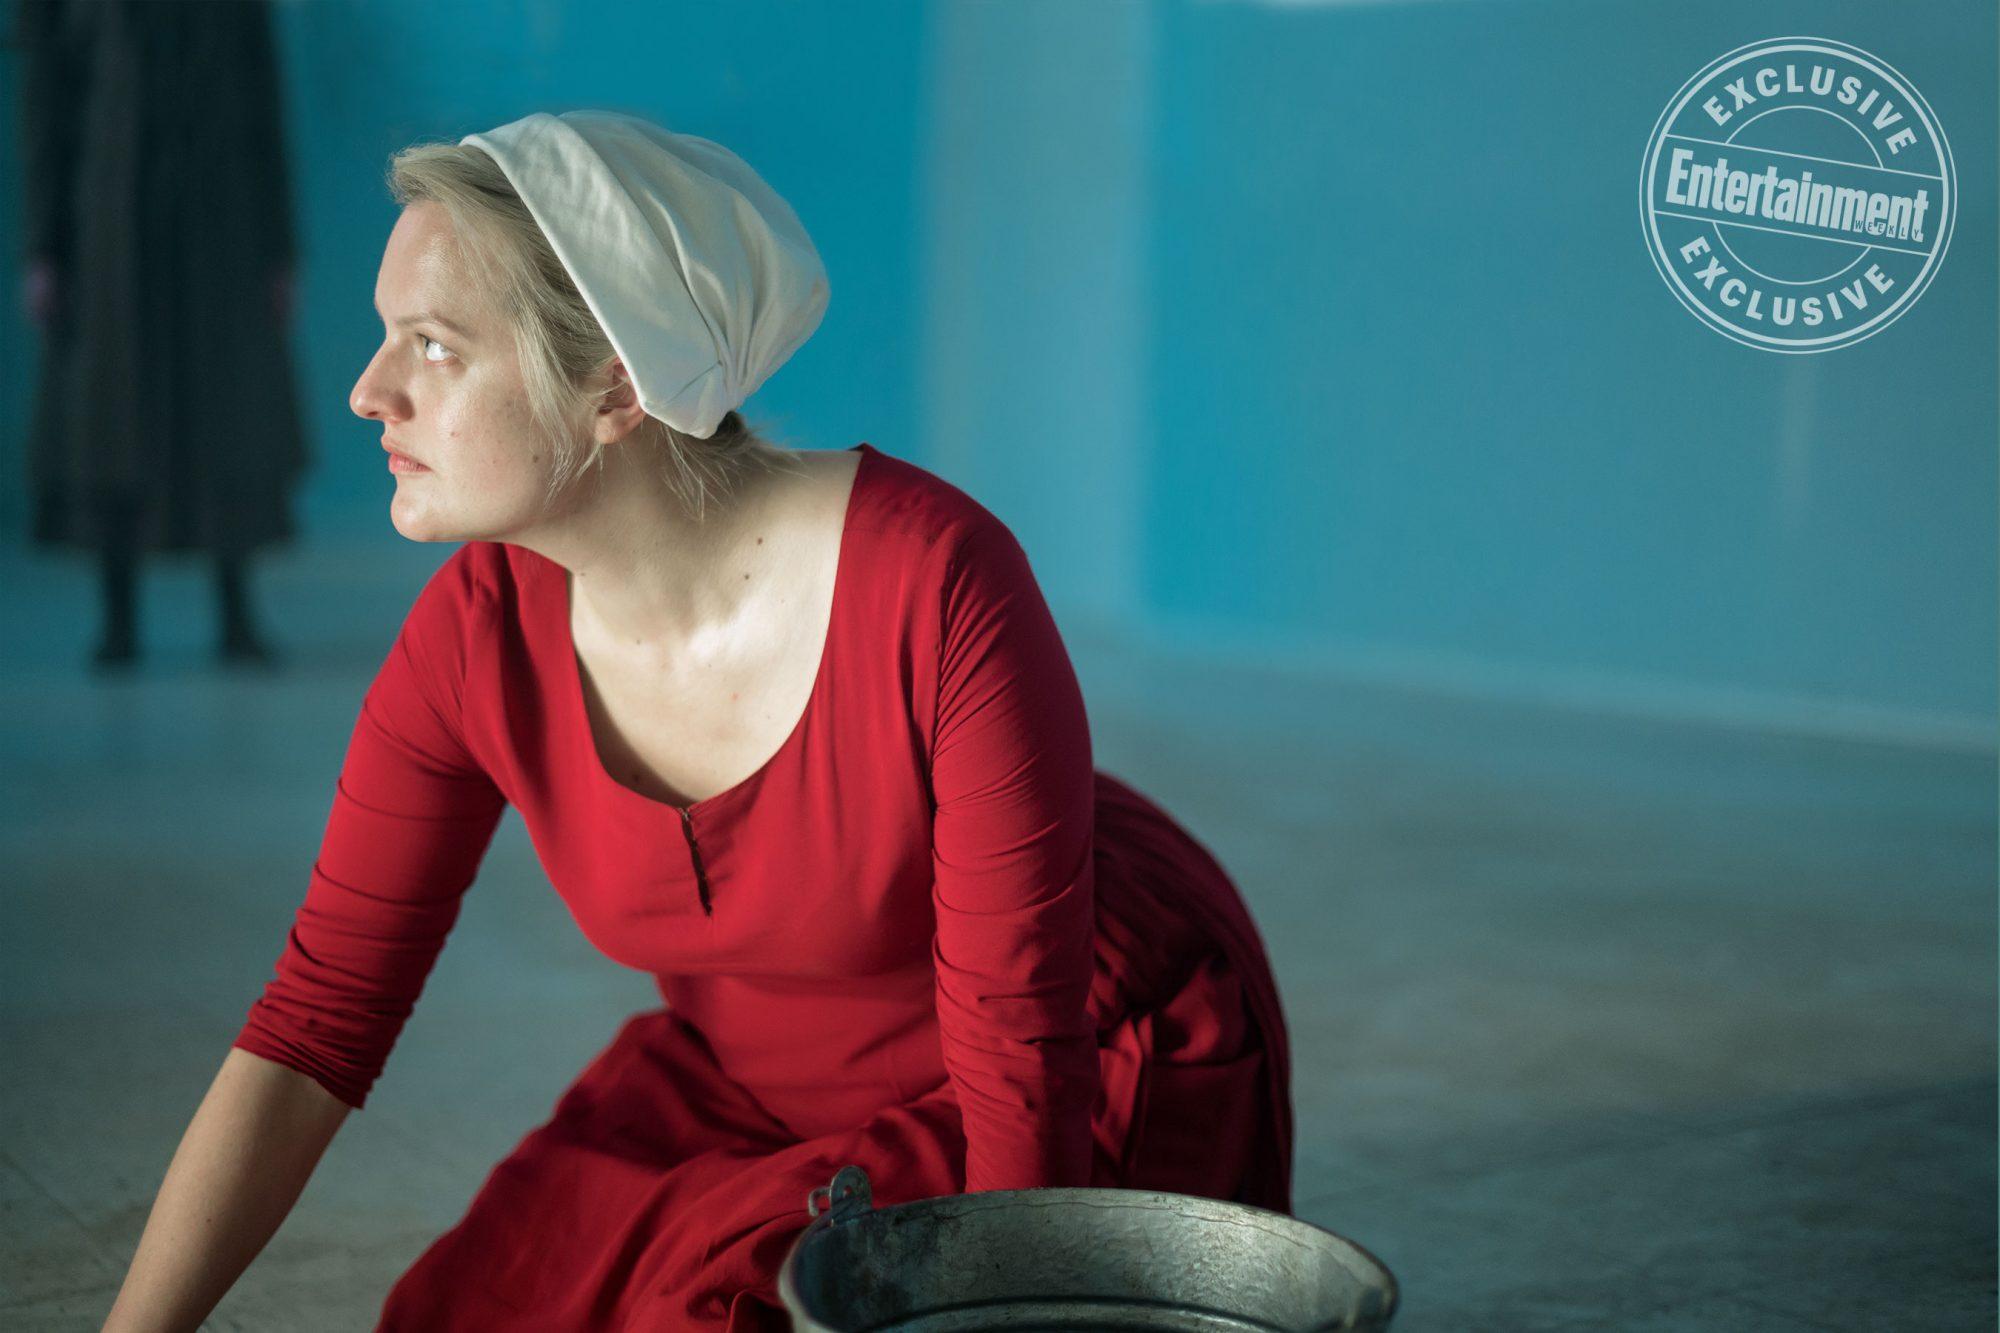 Elisabeth Moss, Handmaid's Tale